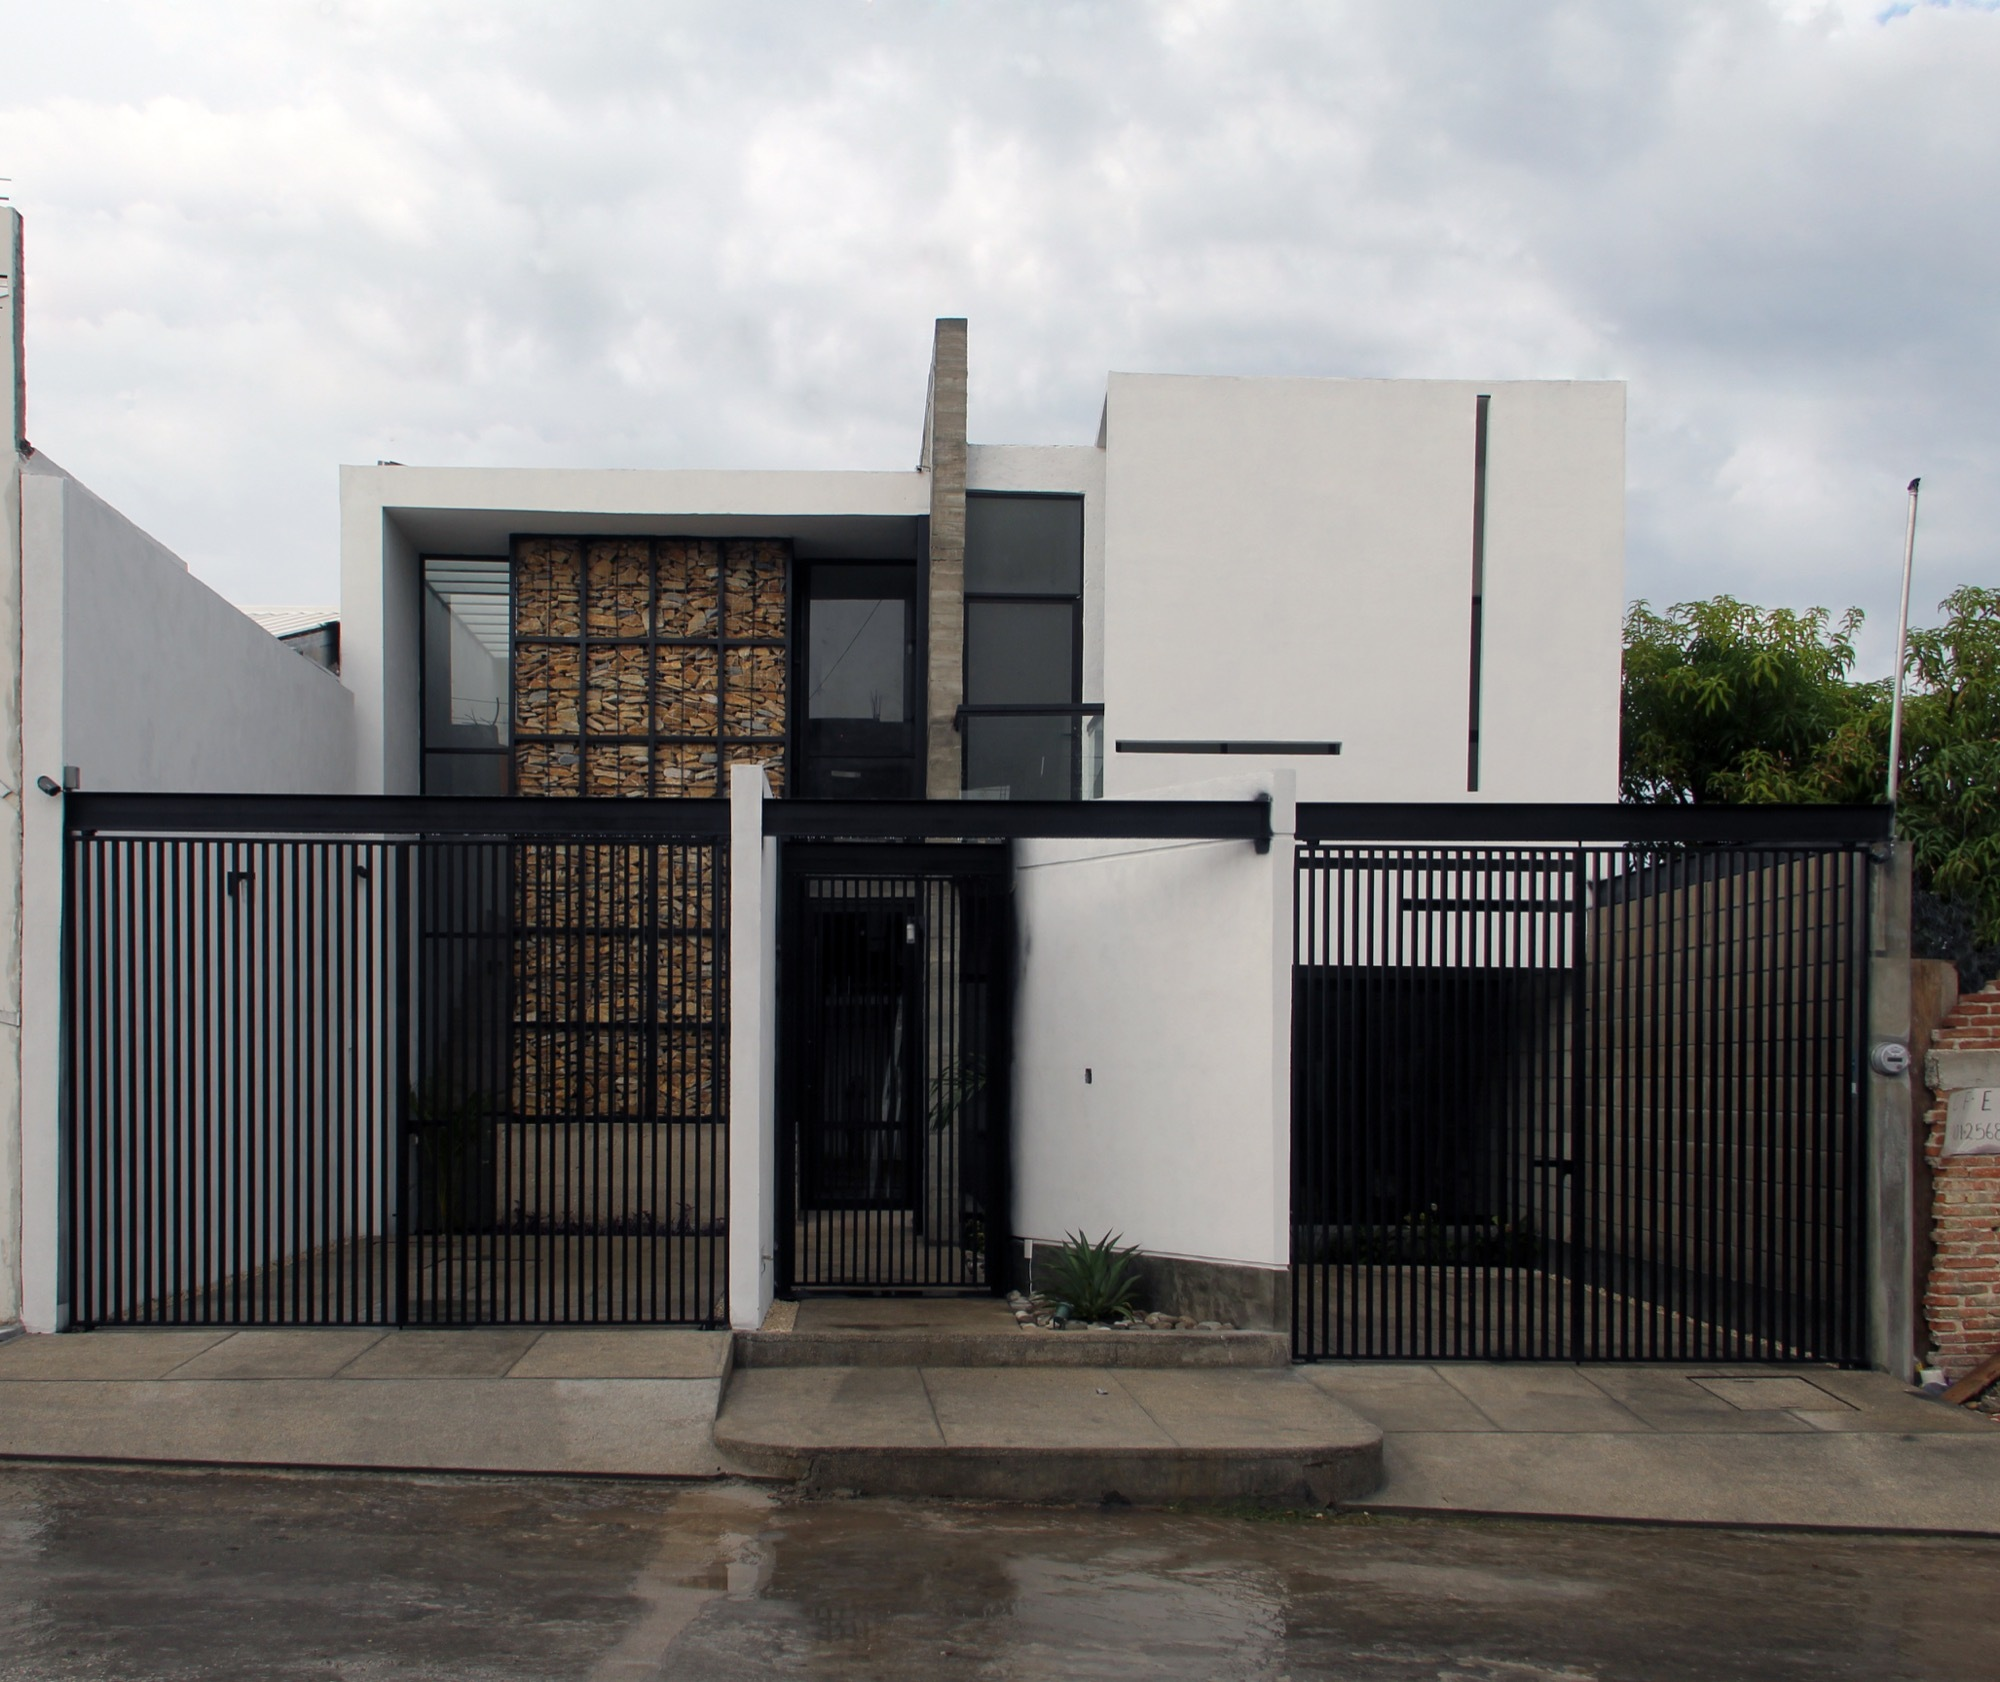 Galer a de casa jard n apaloosa estudio de arquitectura for Casa y jardin tienda